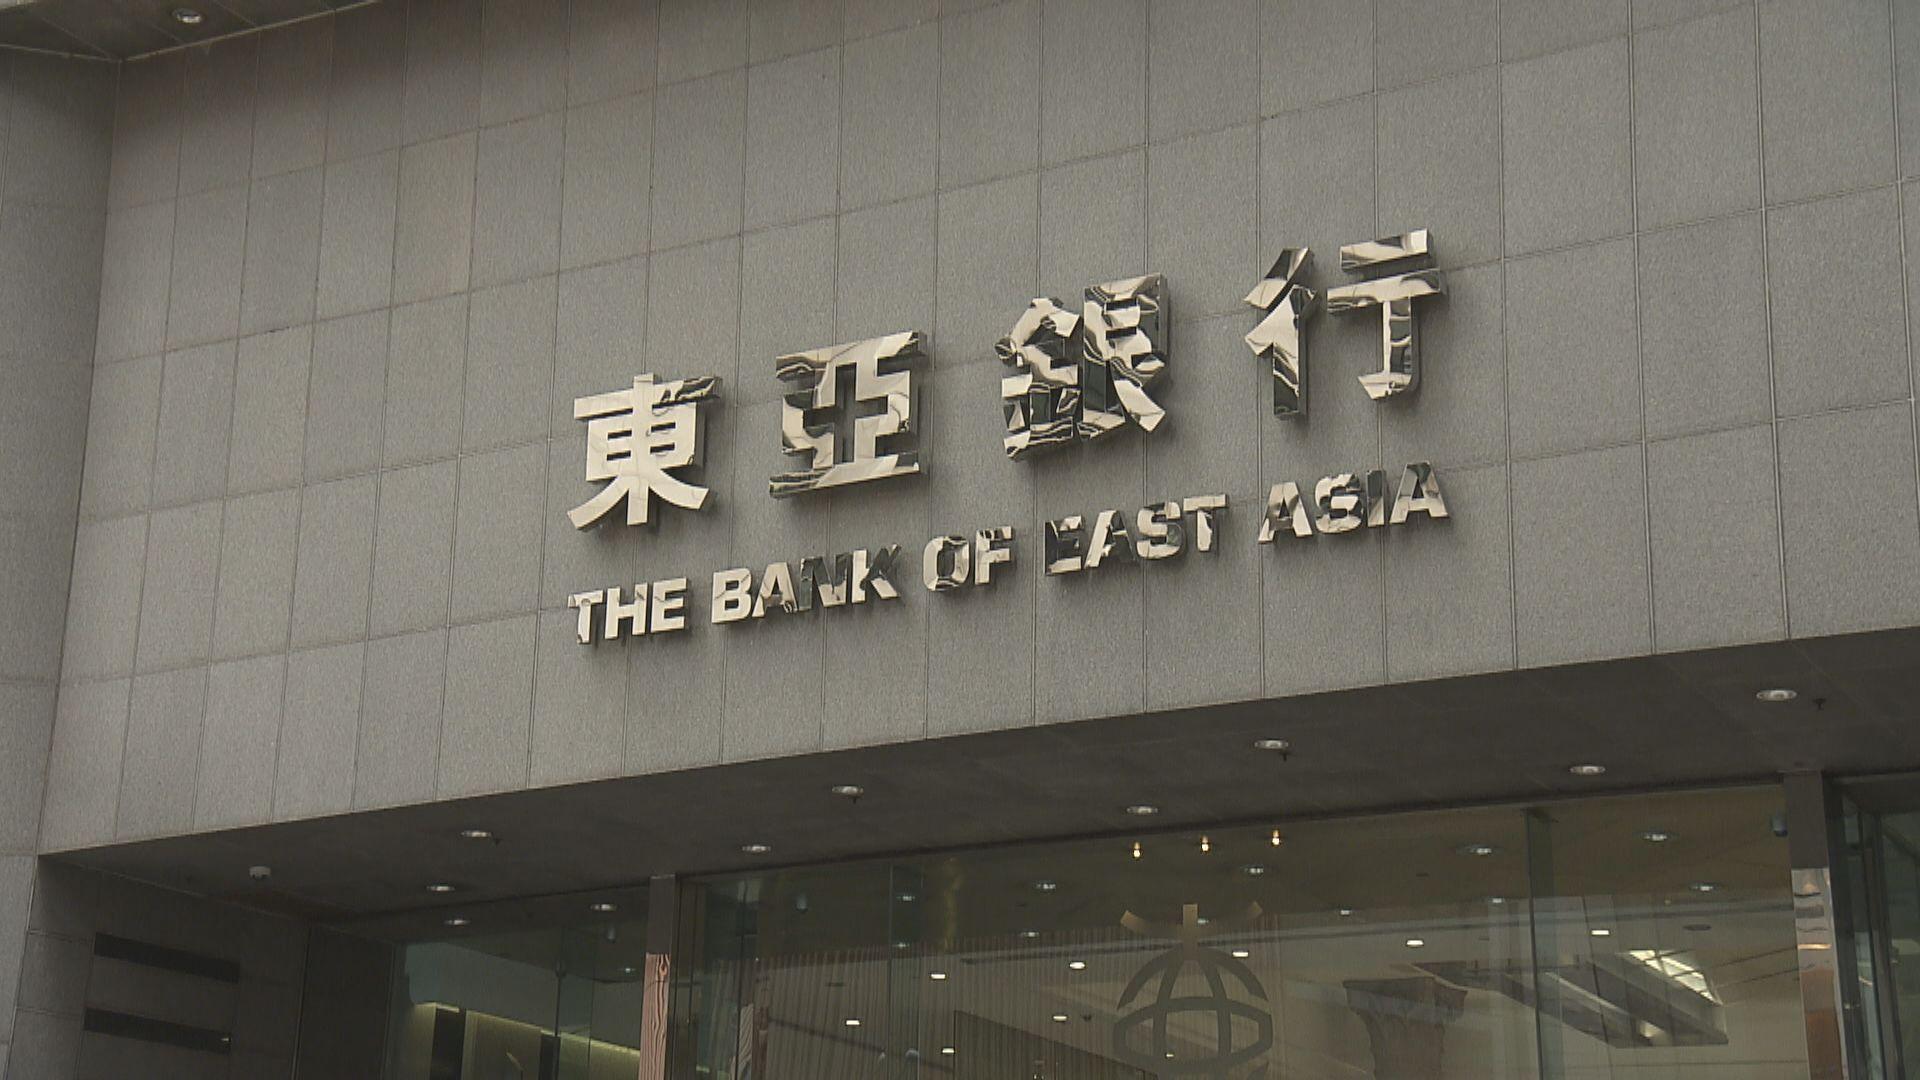 【東亞業績】東亞中國業務盈轉虧 蝕35.5億